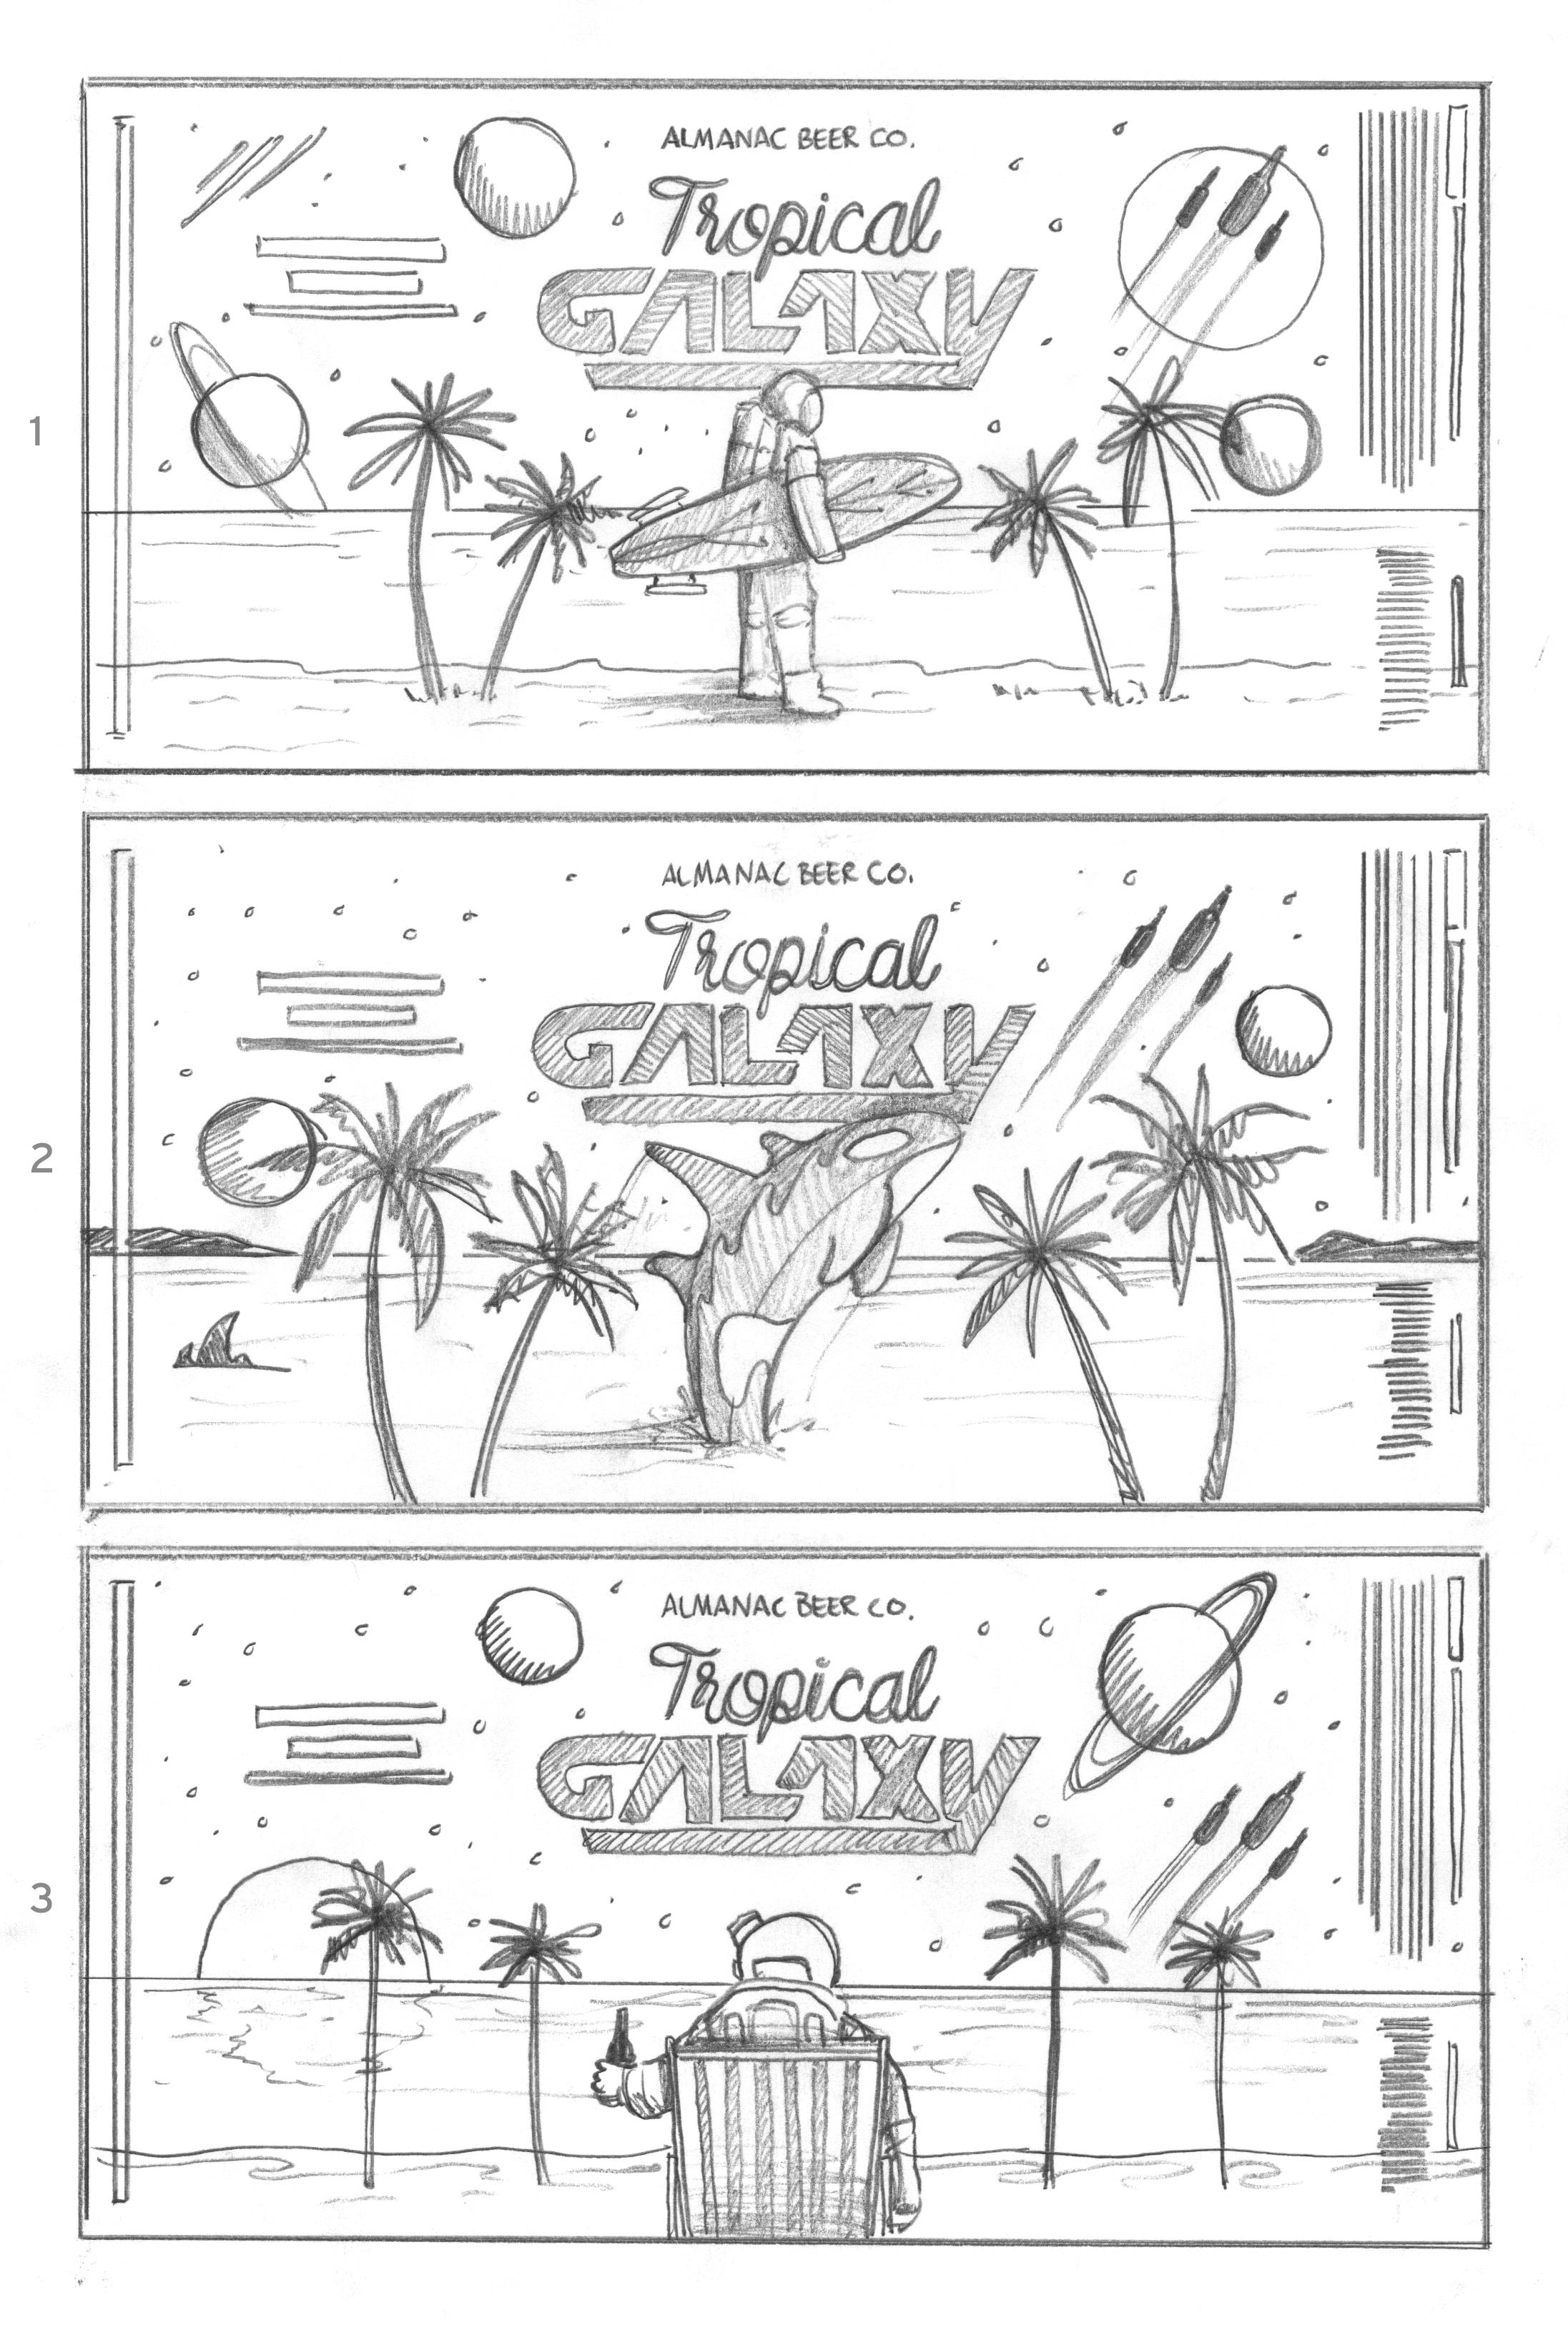 tropical_galaxy_sketch 1.jpeg